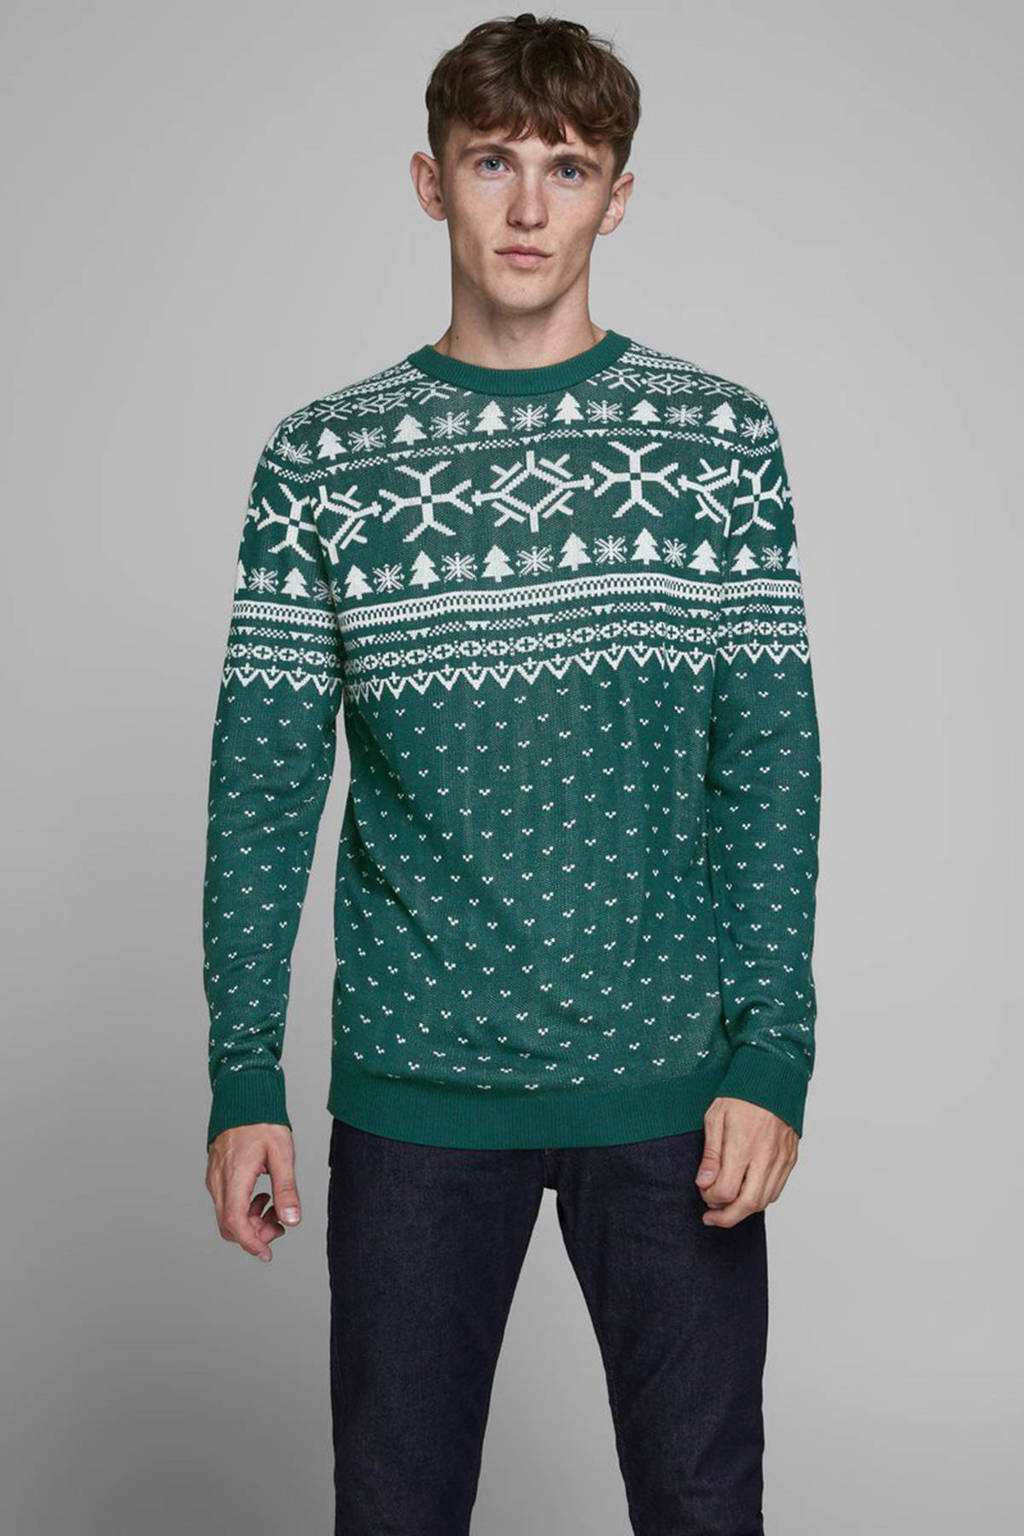 JACK & JONES ORIGINALS trui met all over print groen, Groen